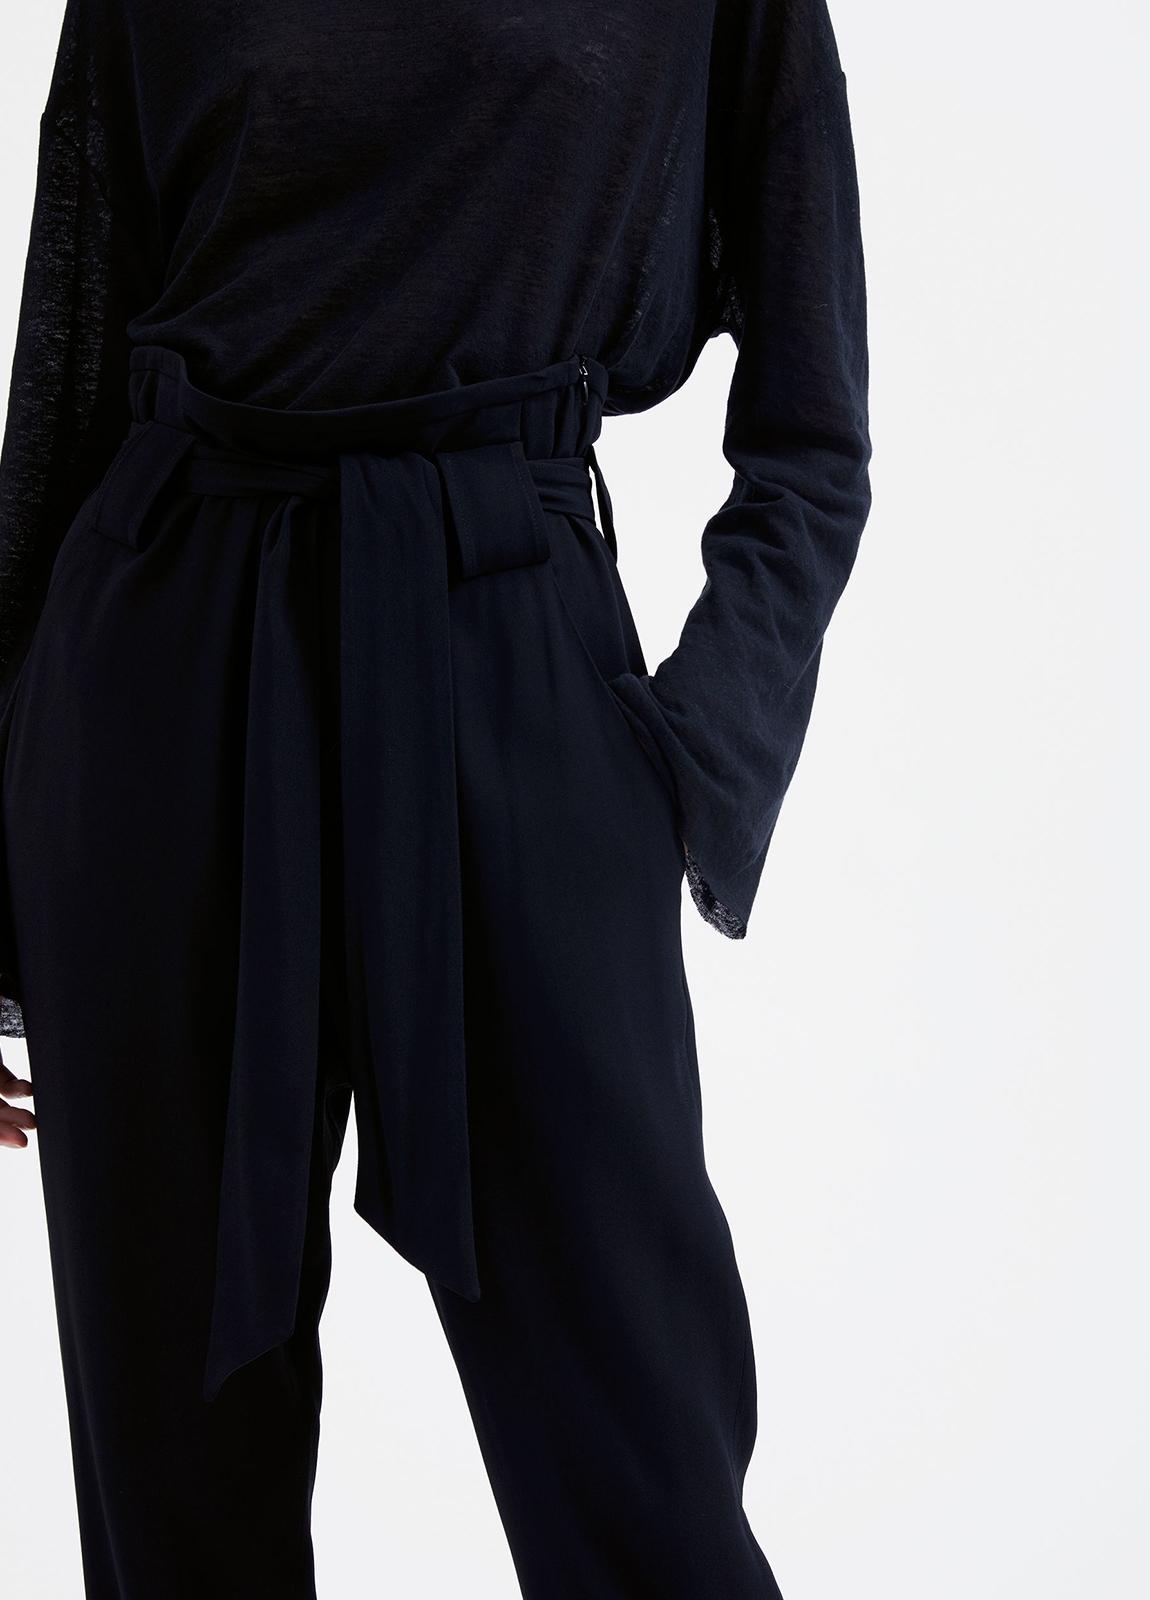 Pantalón woman de talle alto color negro y lazada en cintura. 73% Acetato 27% Viscosa. - Ítem3